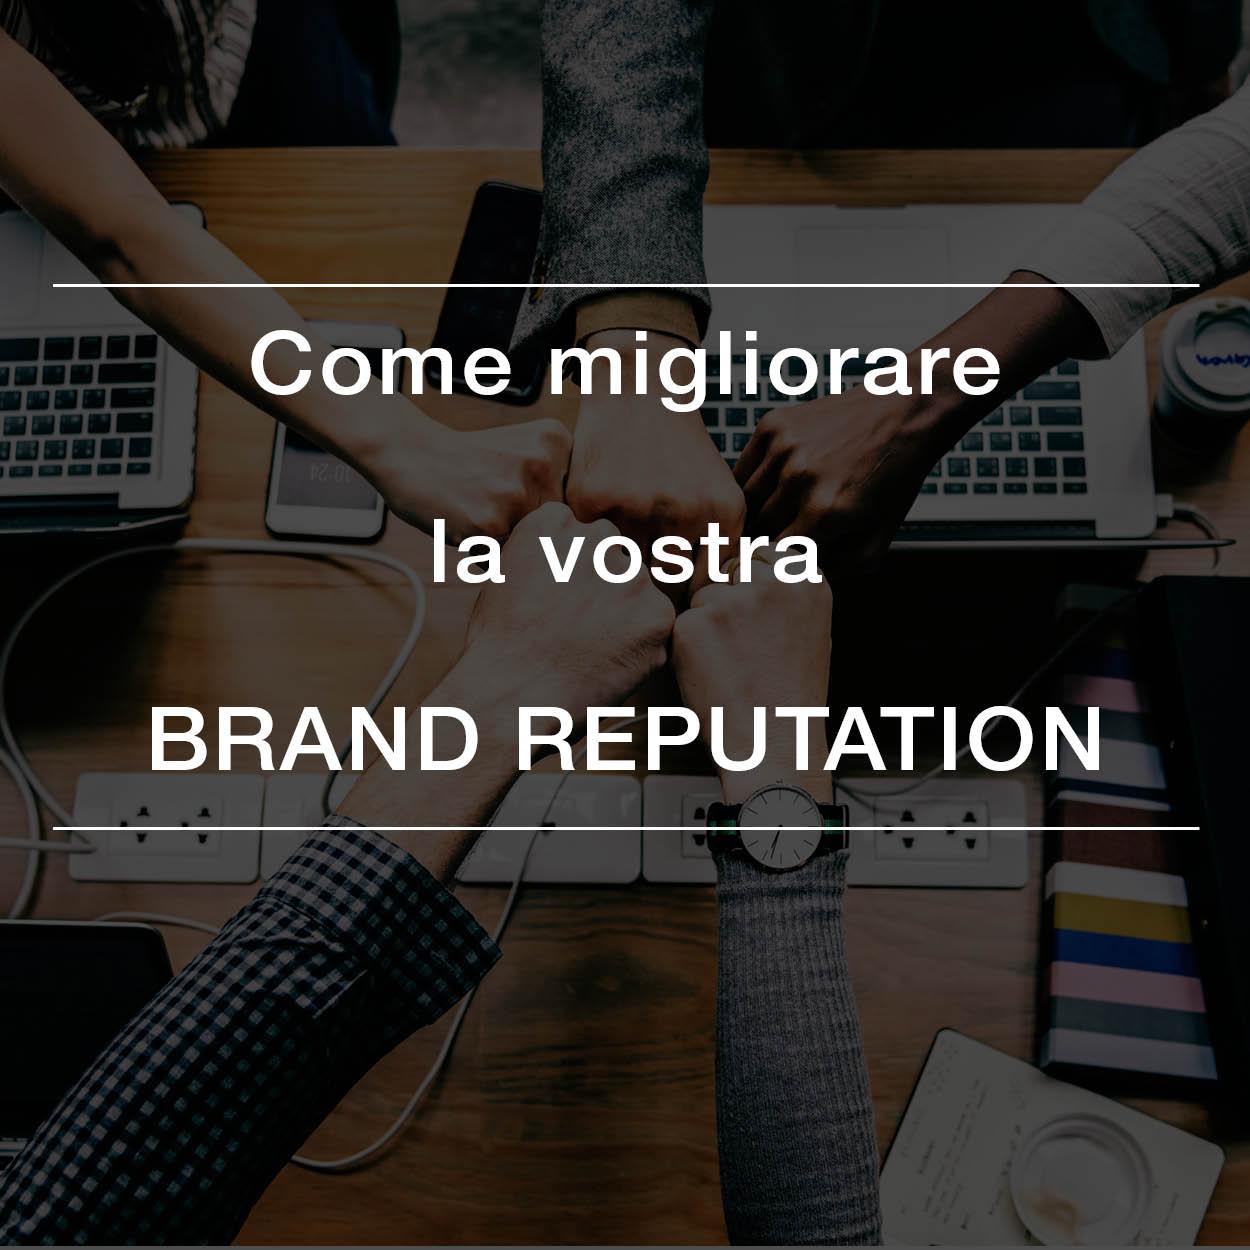 Come migliorare la vostra brand reputation